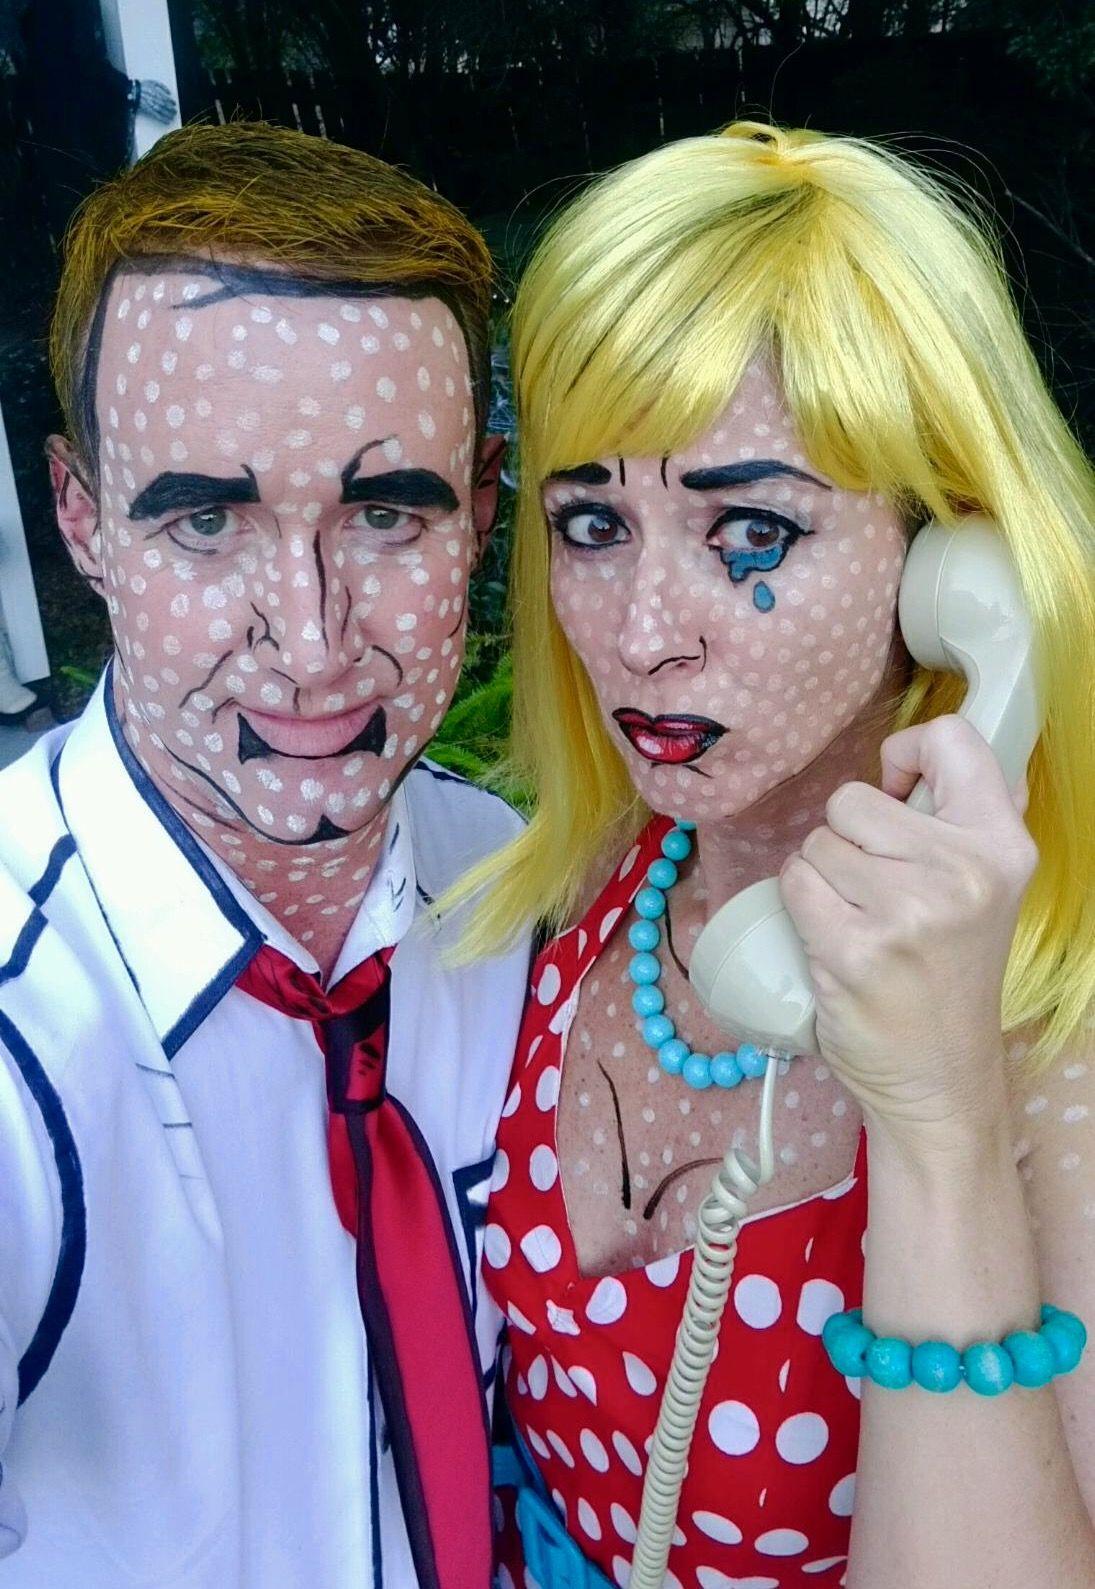 Roy Lichtenstein Halloween Costume.Pop Art Halloween Costume Ideas Diy Costume Comic Book